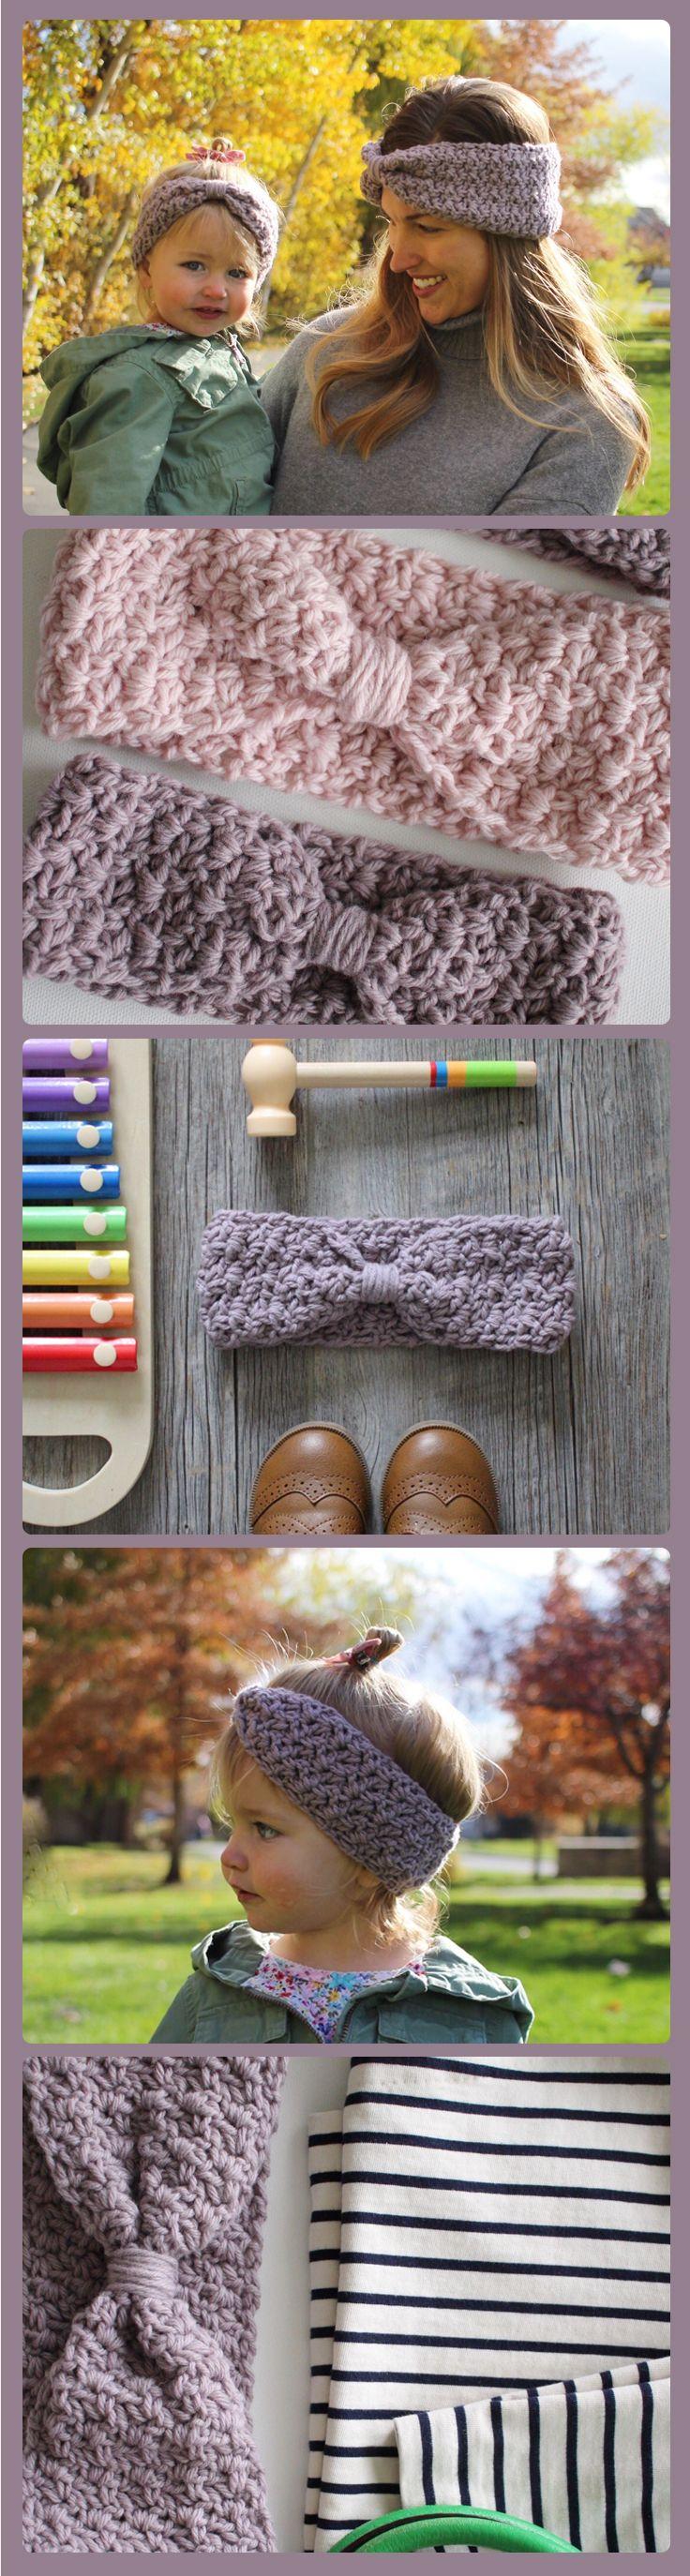 Ava Ear Warmer crochet pattern - knotted ear warmer - easy ear warmer crochet pattern - headband - head wrap crochet pattern by Little Monkeys Design